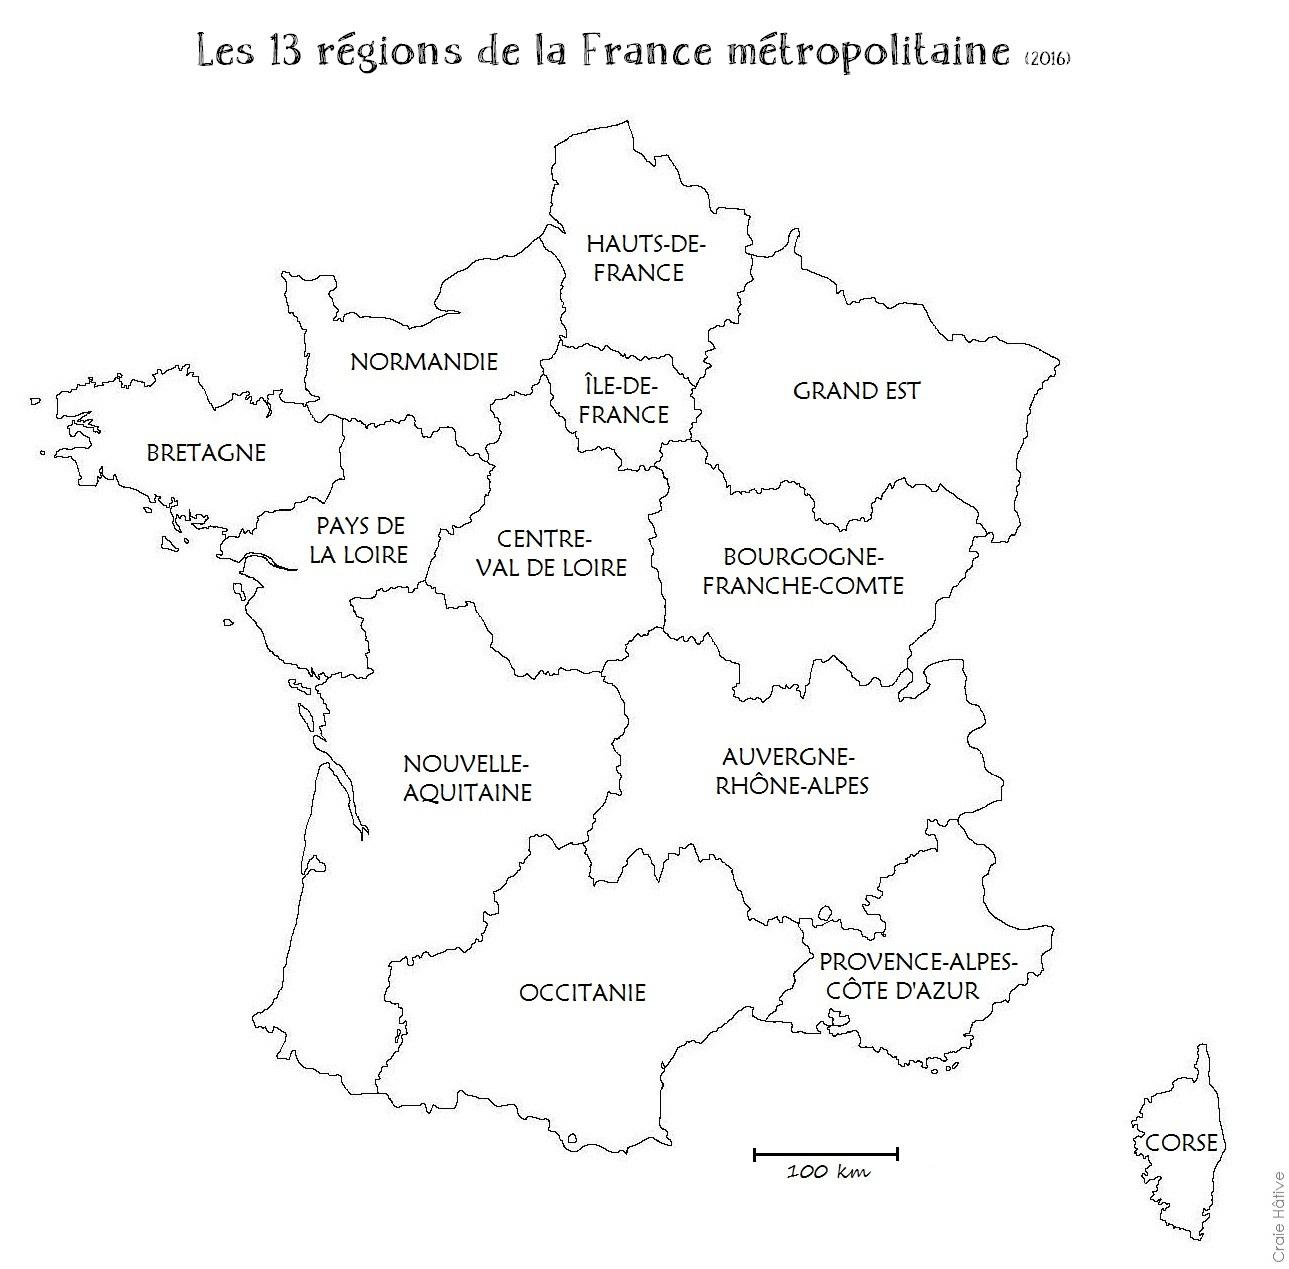 Cartes Des Régions De La France Métropolitaine - 2016 à Carte Des Régions De France À Imprimer